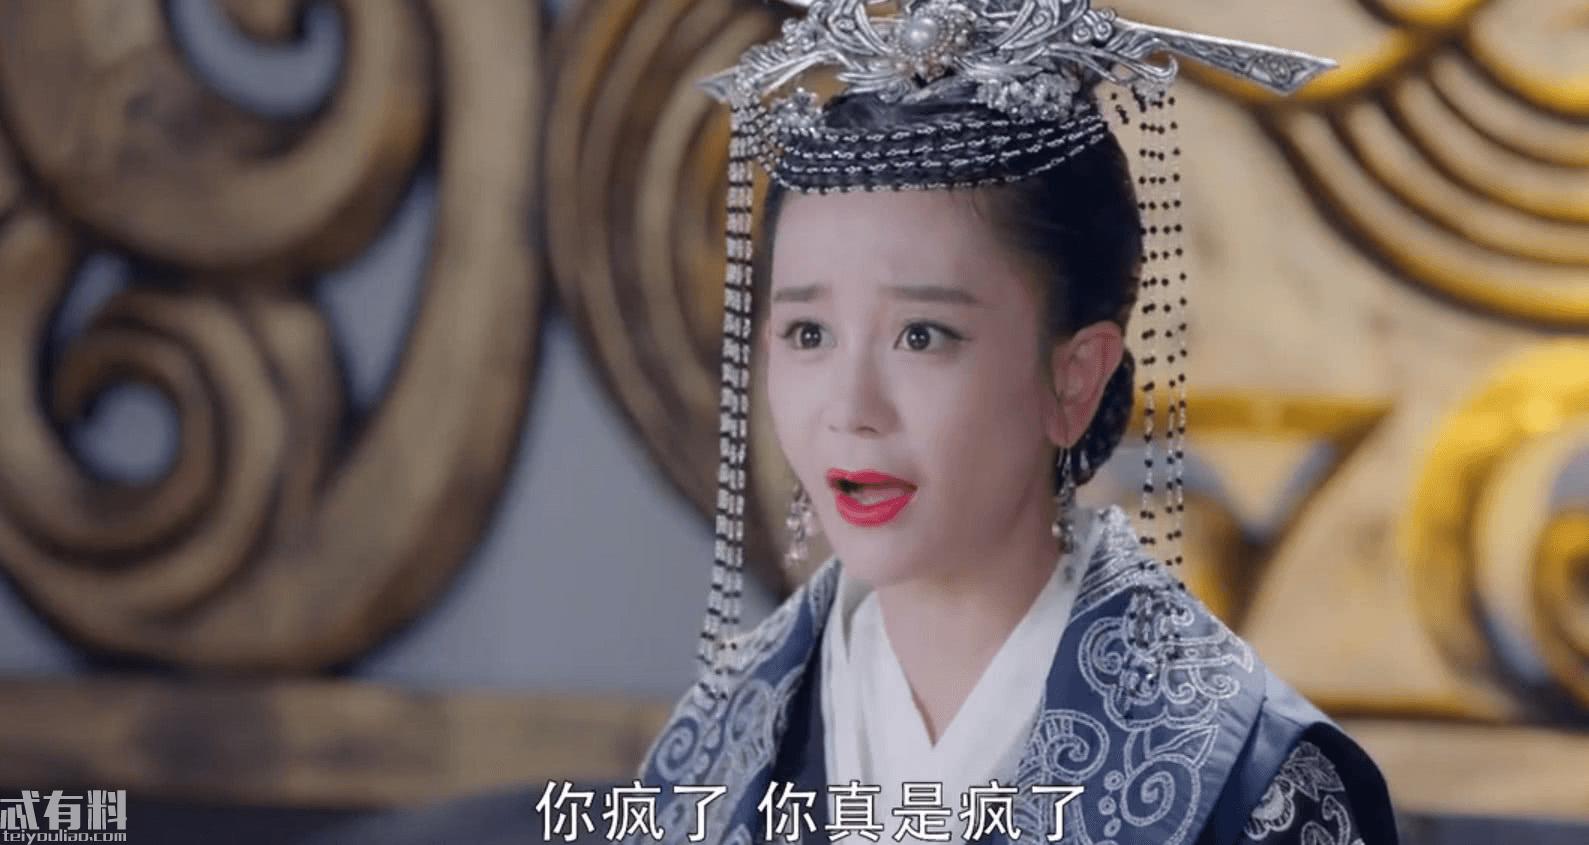 独孤皇后:杨丽华为何不让杨坚称帝,还对伽罗恶语相向?原来是因为他